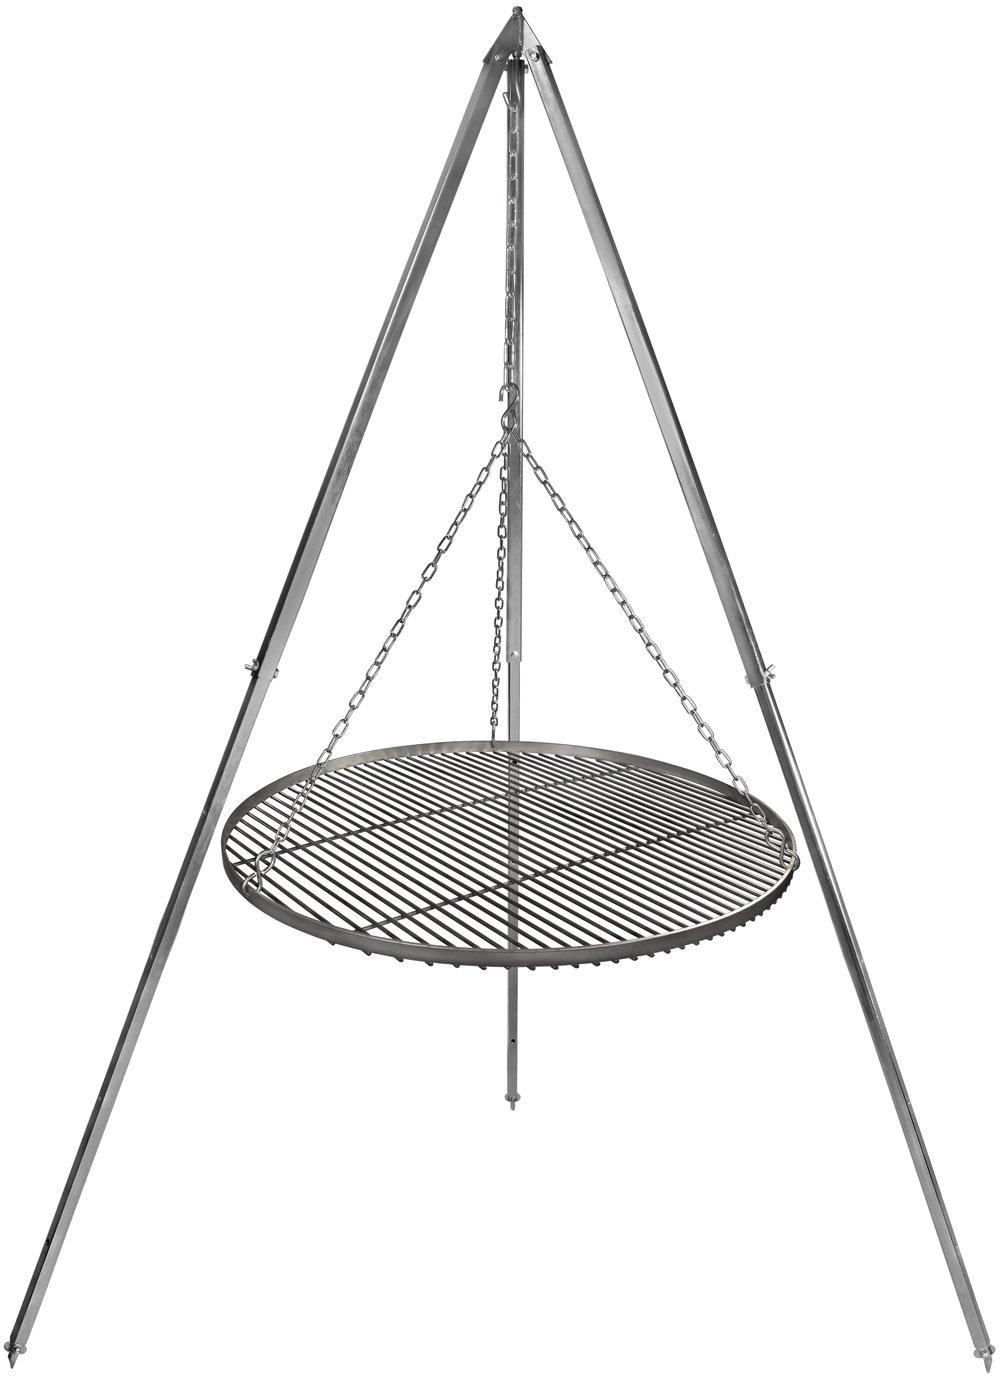 Schwenkgrill Grillrost Edelstahl 60 cm Durchmesser Dreibein 2,10 m verzinkt kaufen